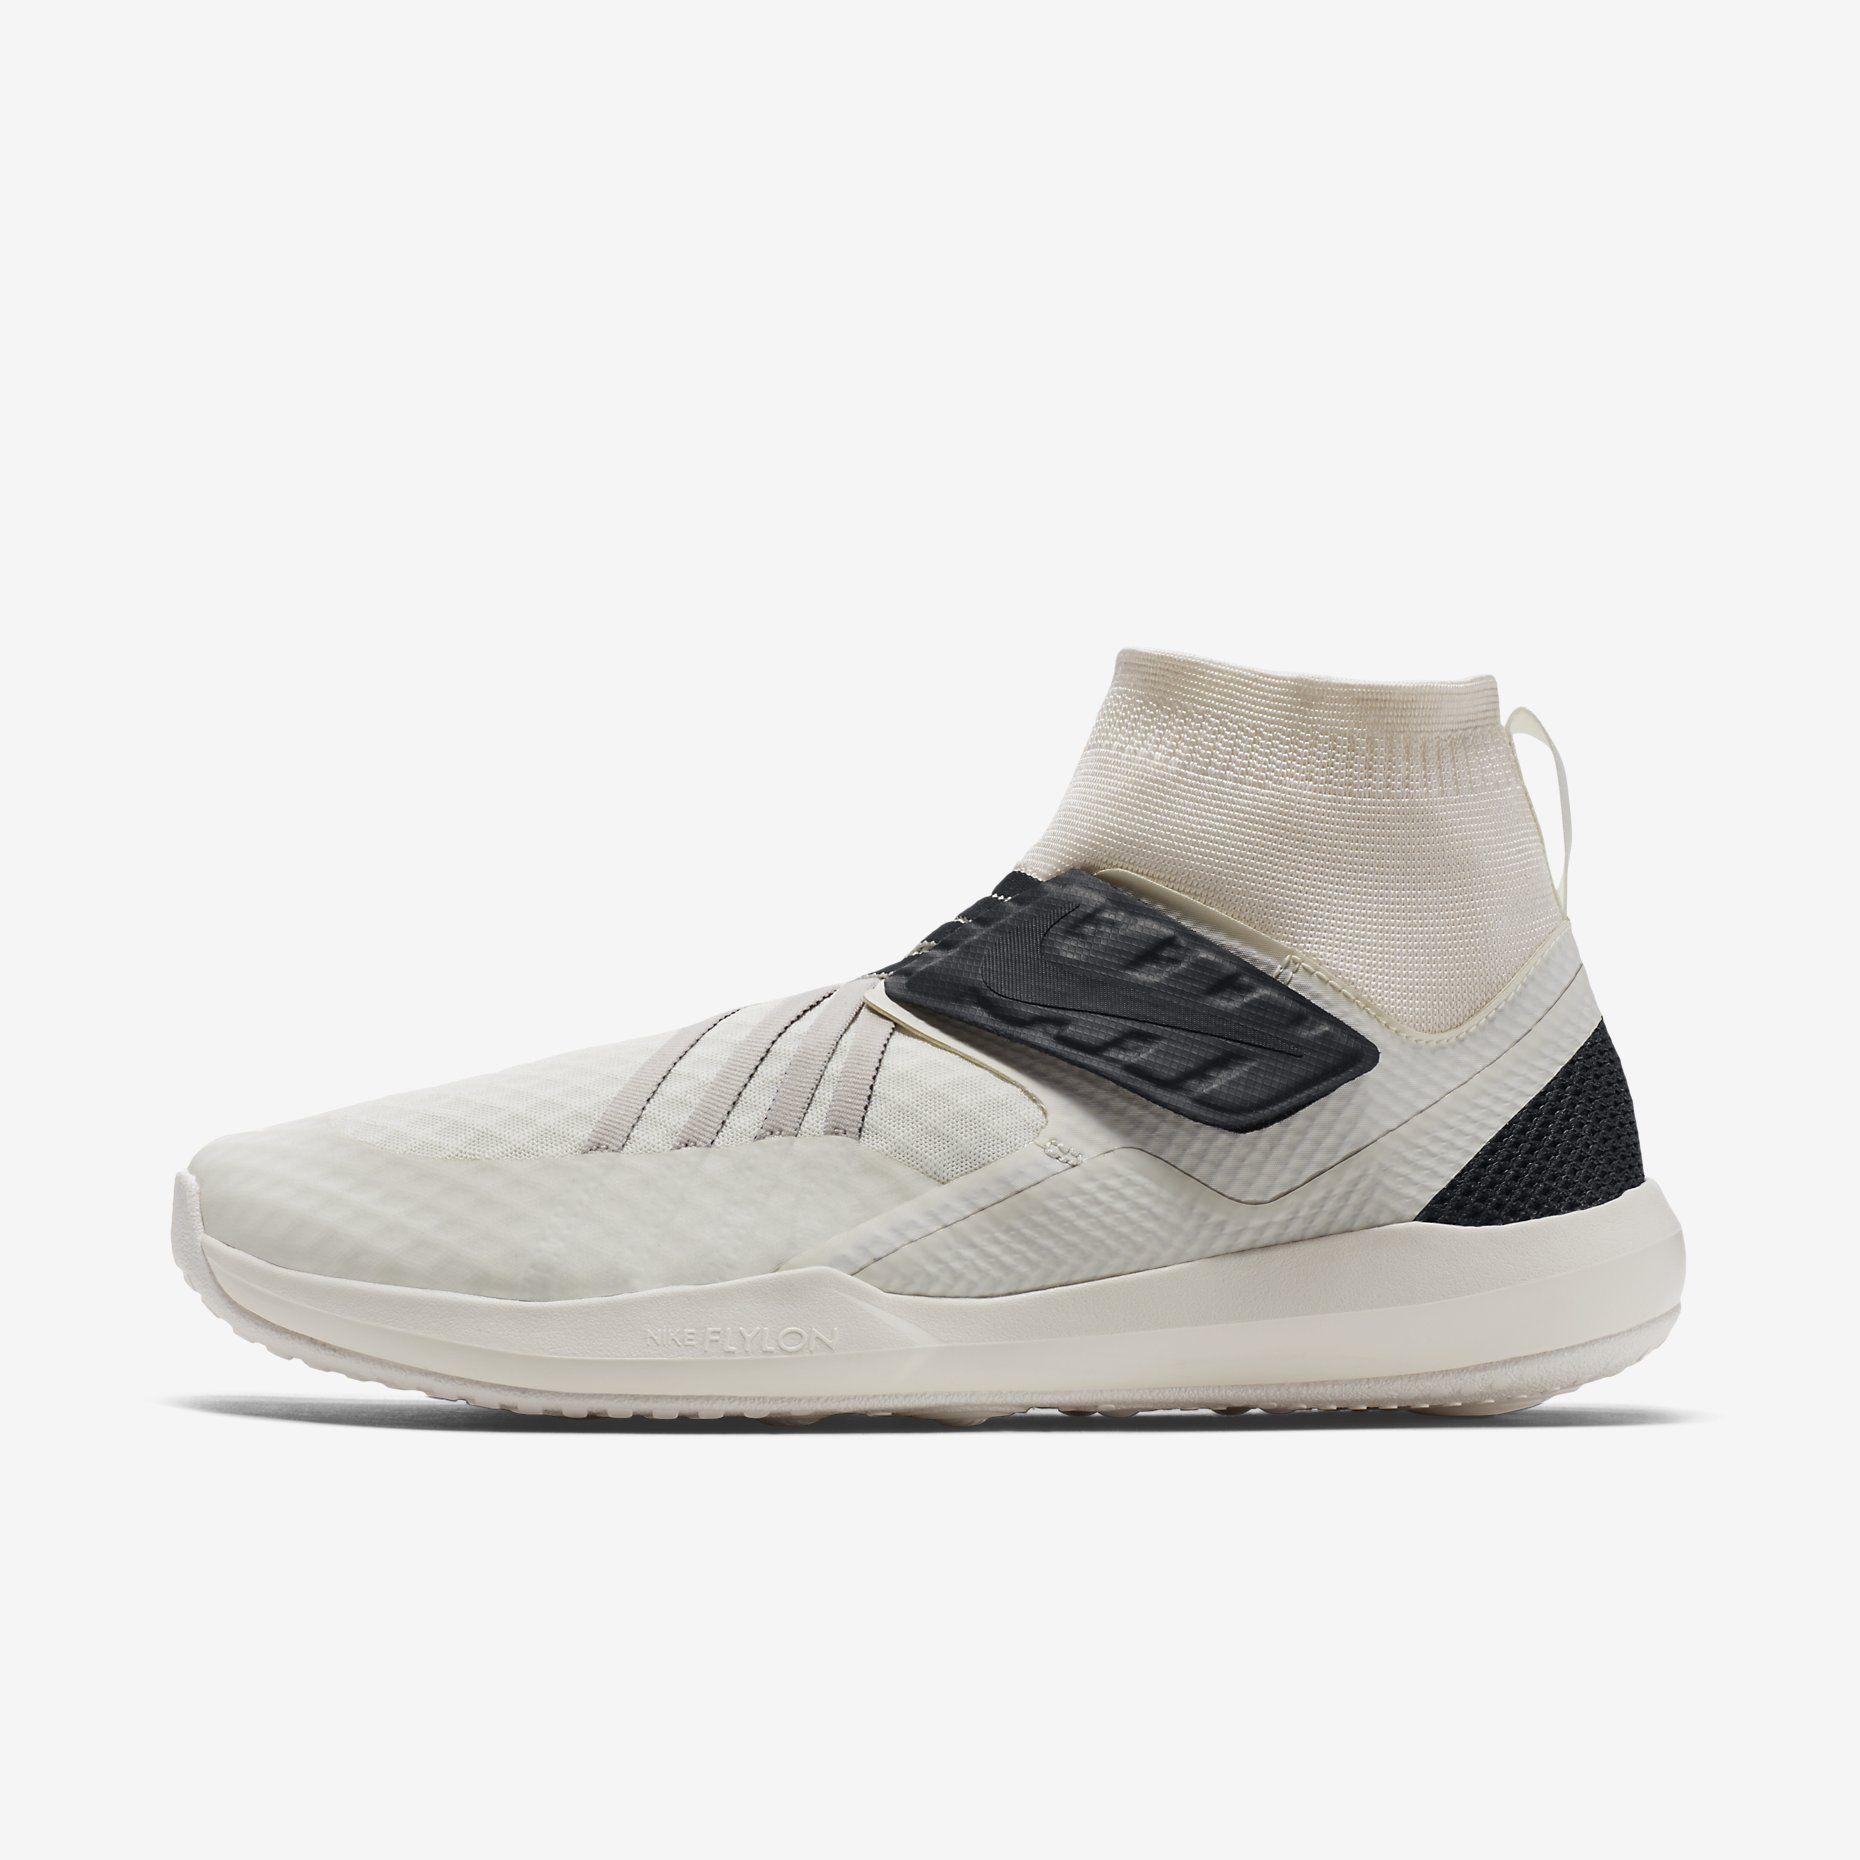 negozio nike per scarpe, abbigliamento & attrezzatura a calci